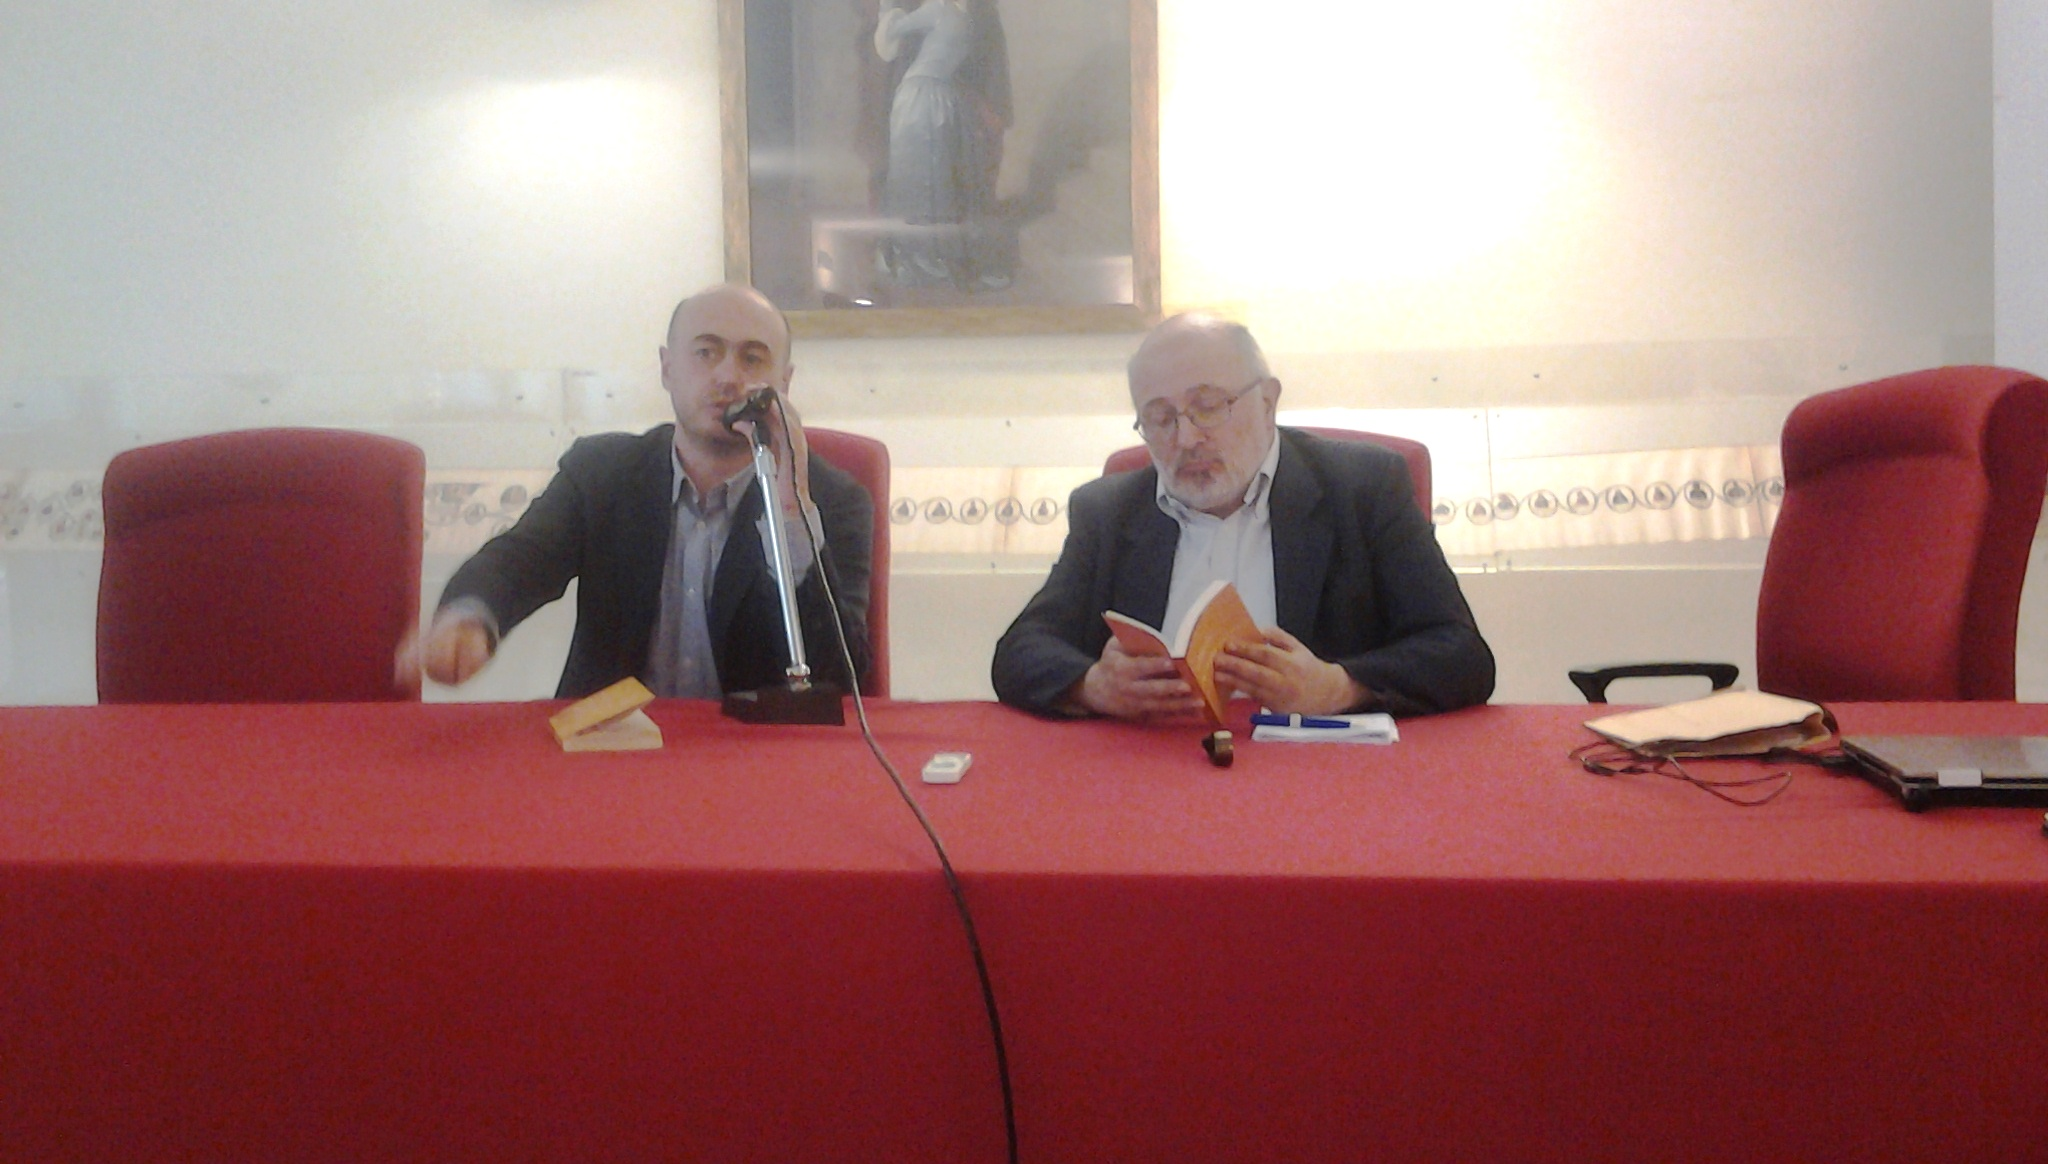 Cagliari_Biblioteca regionale_06/06/2014